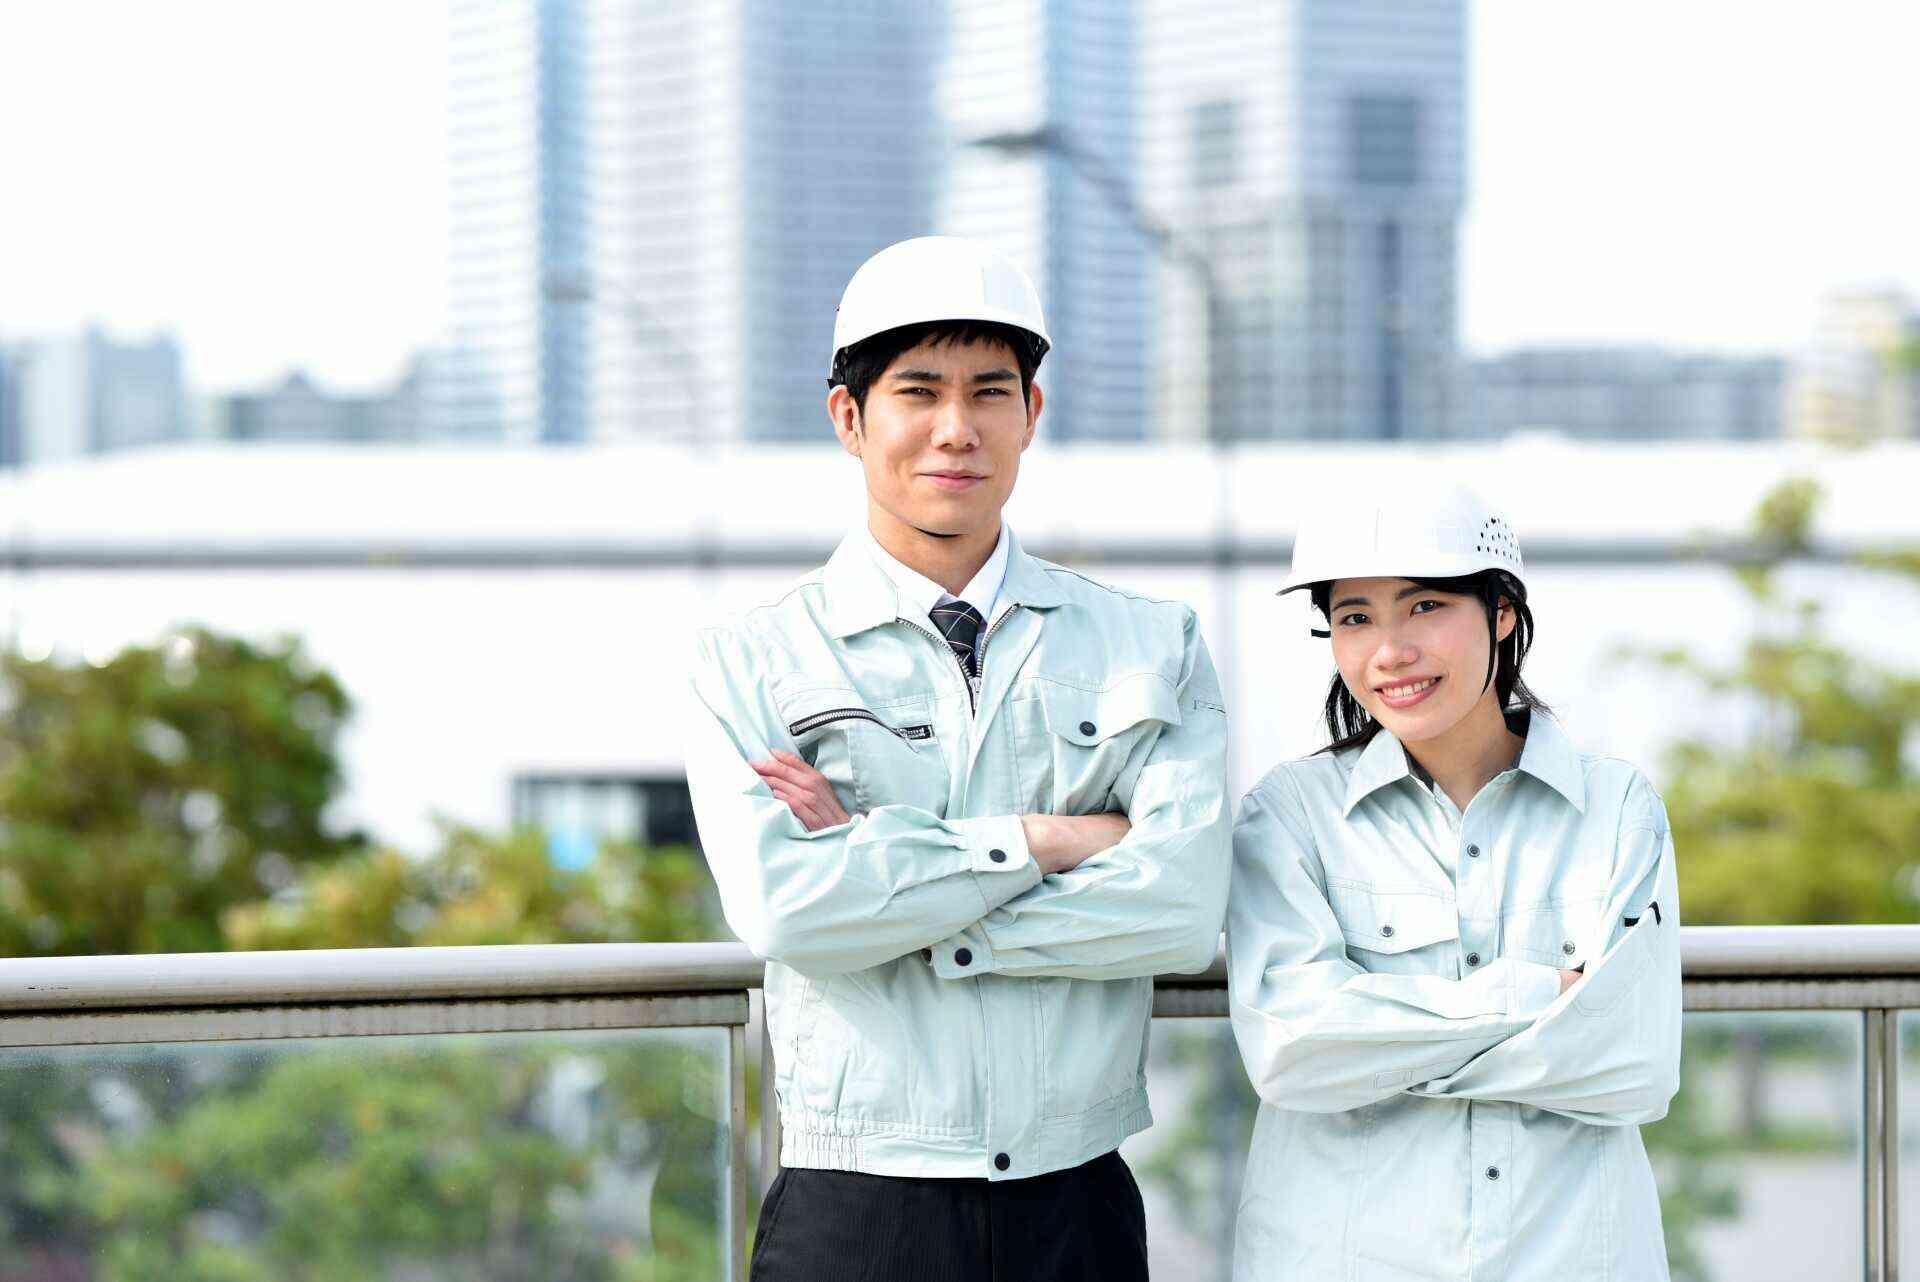 建築(建設)業界の仕事を徹底研究!コロナによる影響など今後の動向も紹介